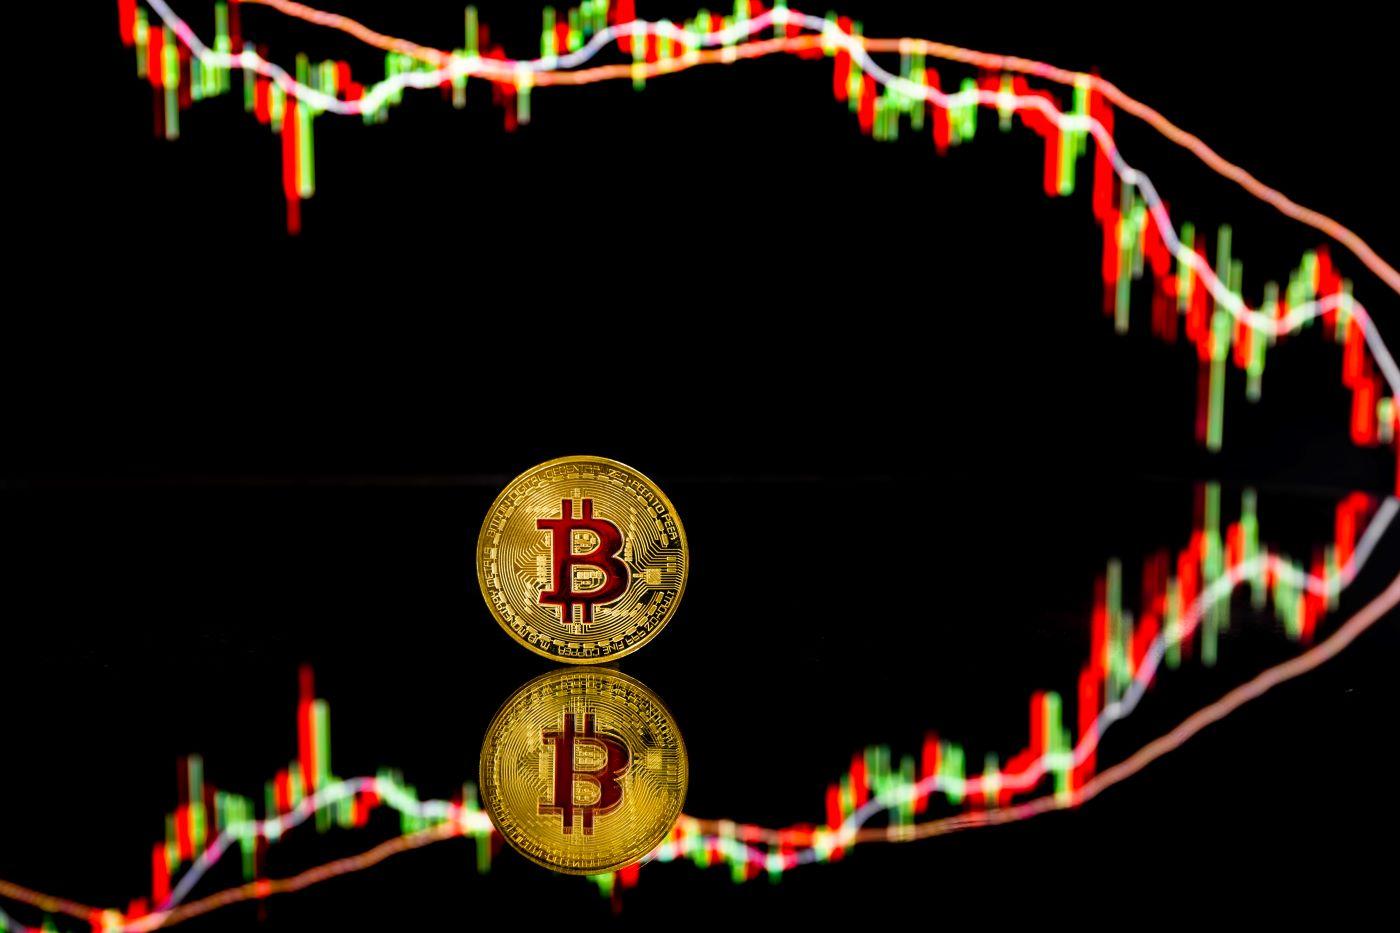 bitcoin zertifikate kaufen bitcoin investiert eine gute idee etrade bereitet sich auf den handel mit bitcoin vor